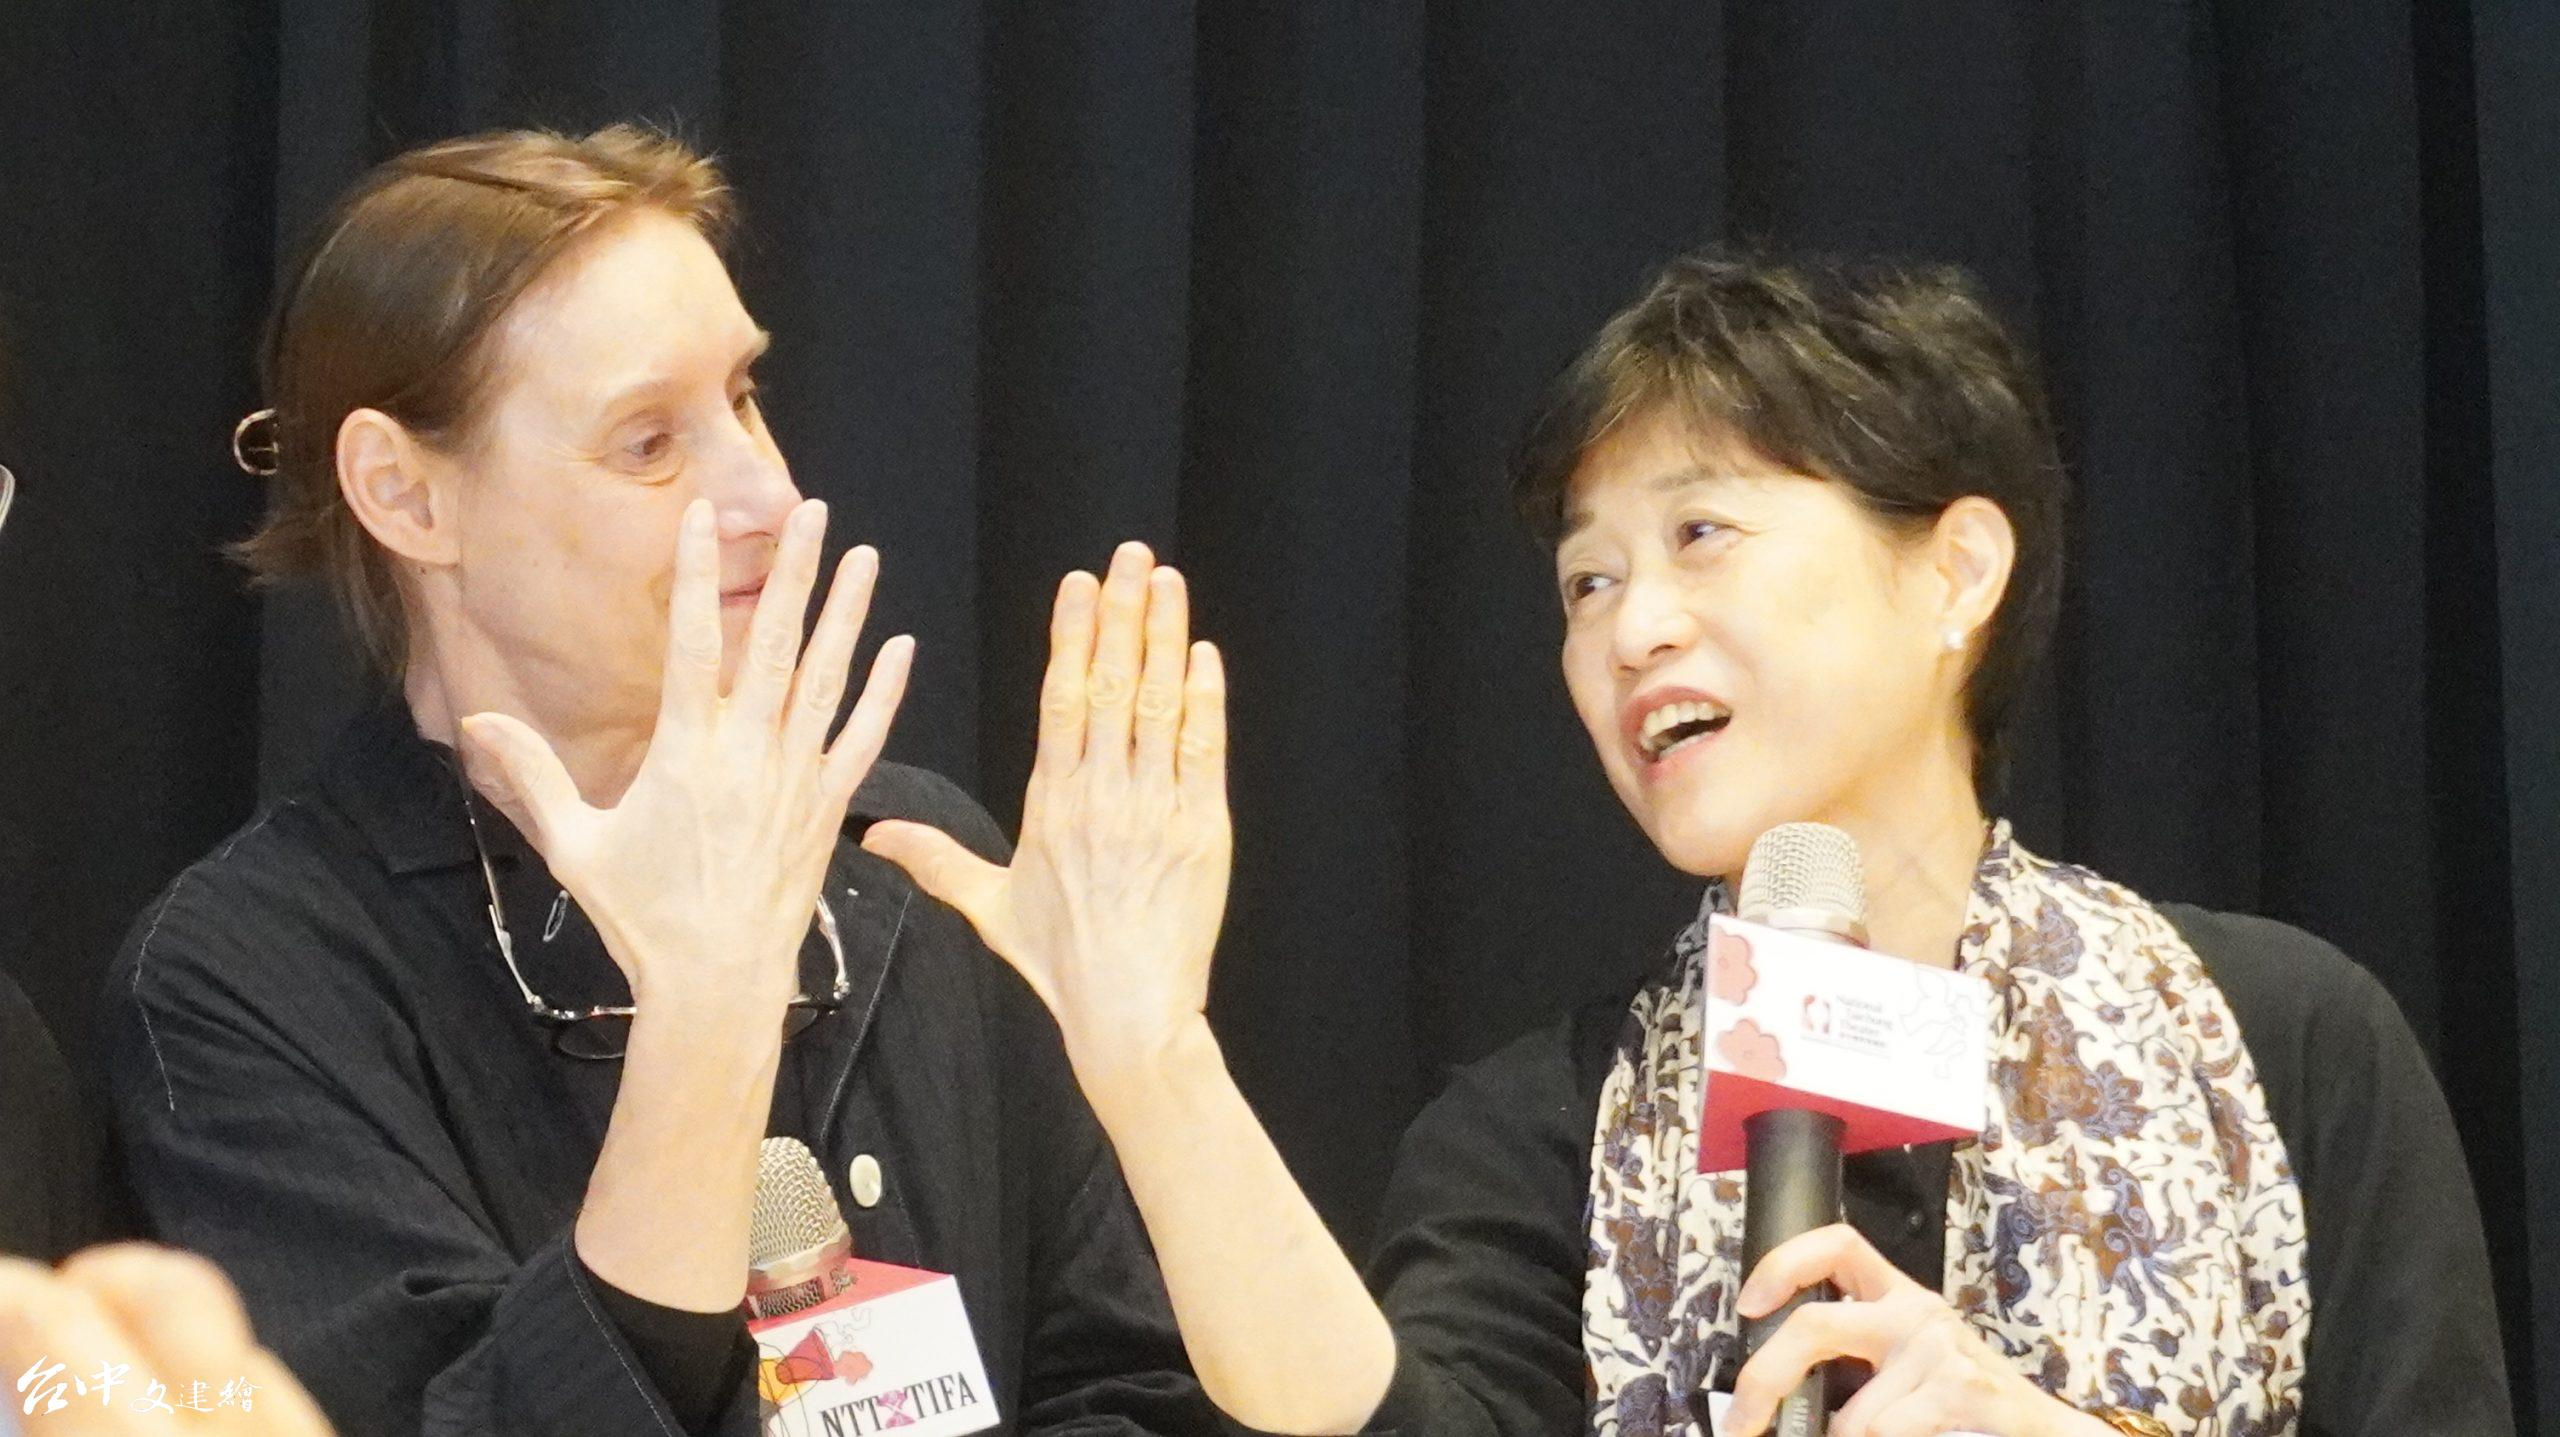 (左)比利時「吻與淚創作群」(Kiss&Cry Collective)編舞家及手指舞者 Michèle Anne De Mey 、(右)台中歌劇院藝術總監邱瑗正在比較跳舞與彈琴的手指有何不同。(圖:台中文建繪)